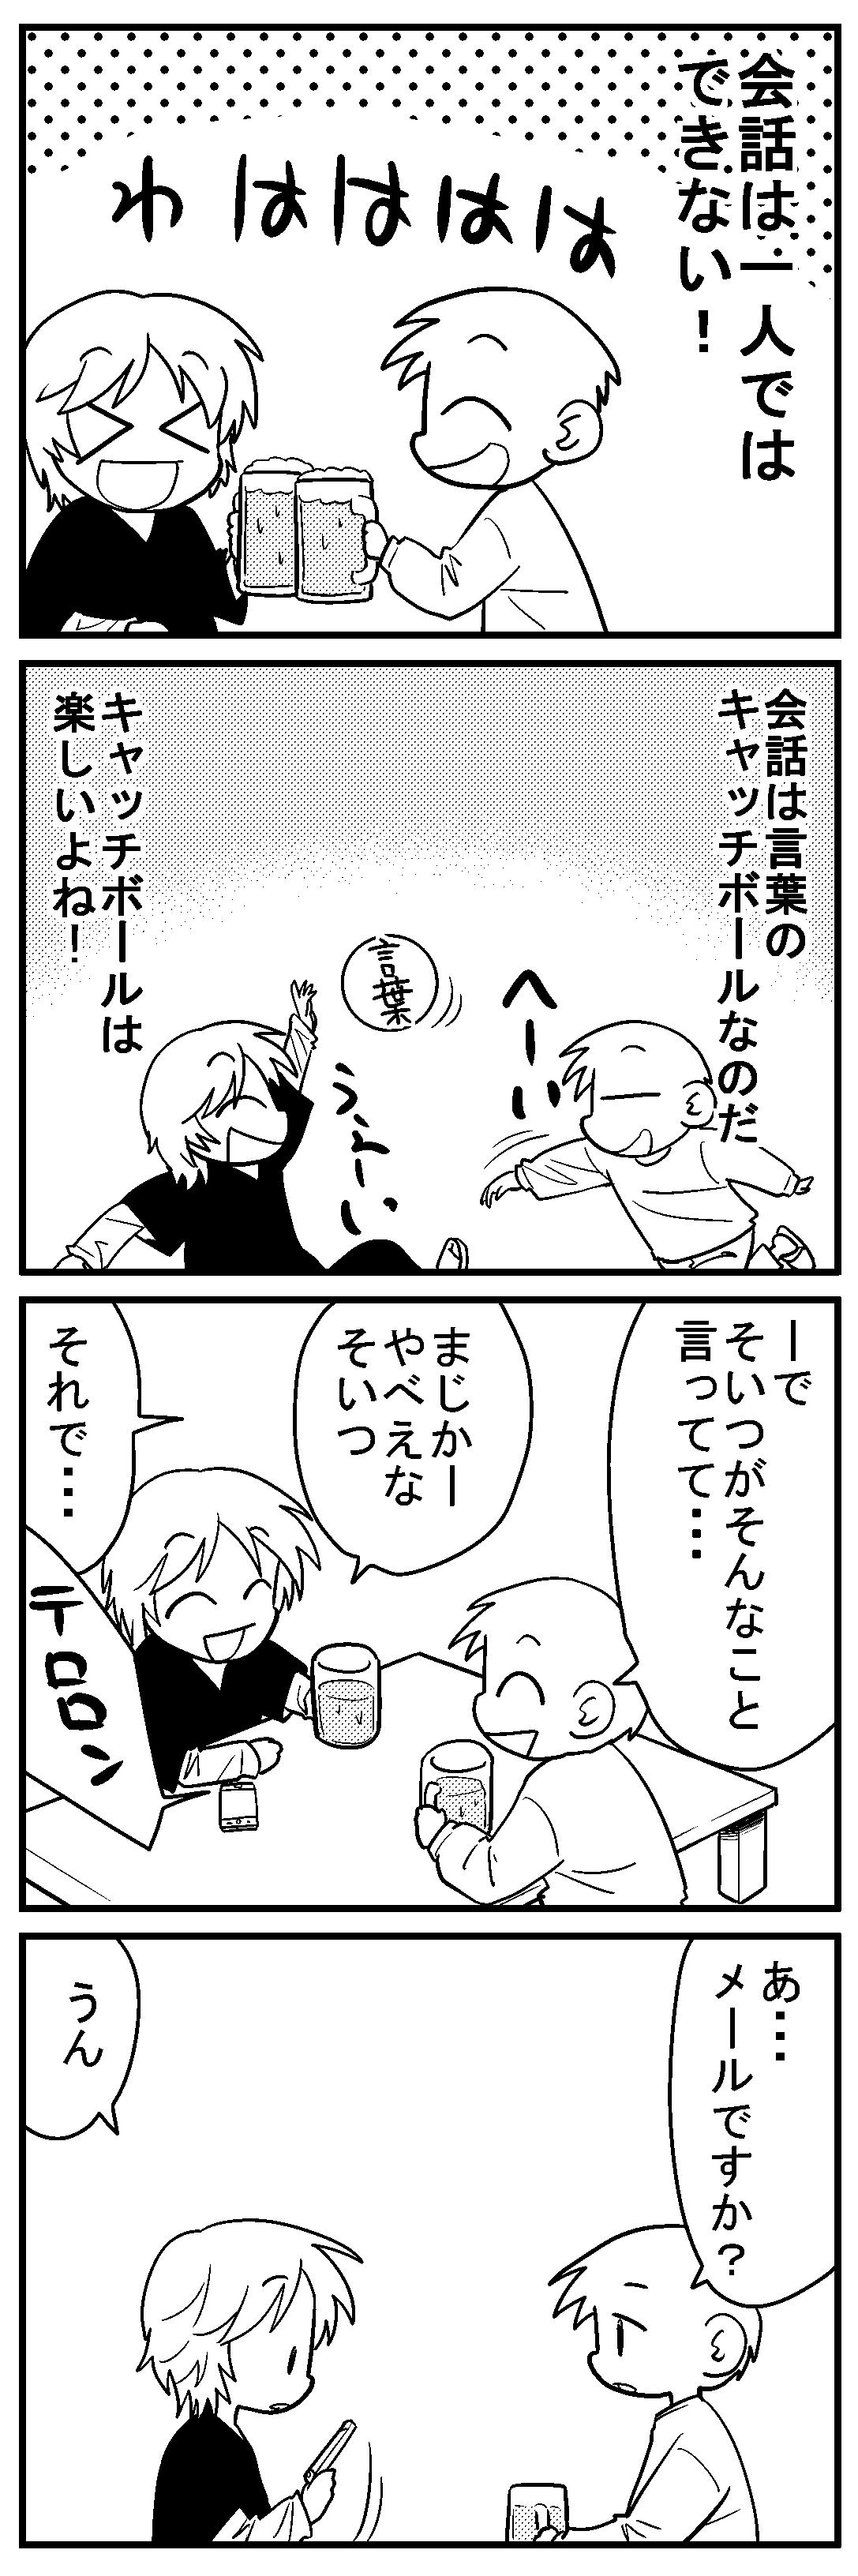 深読みくん37-1